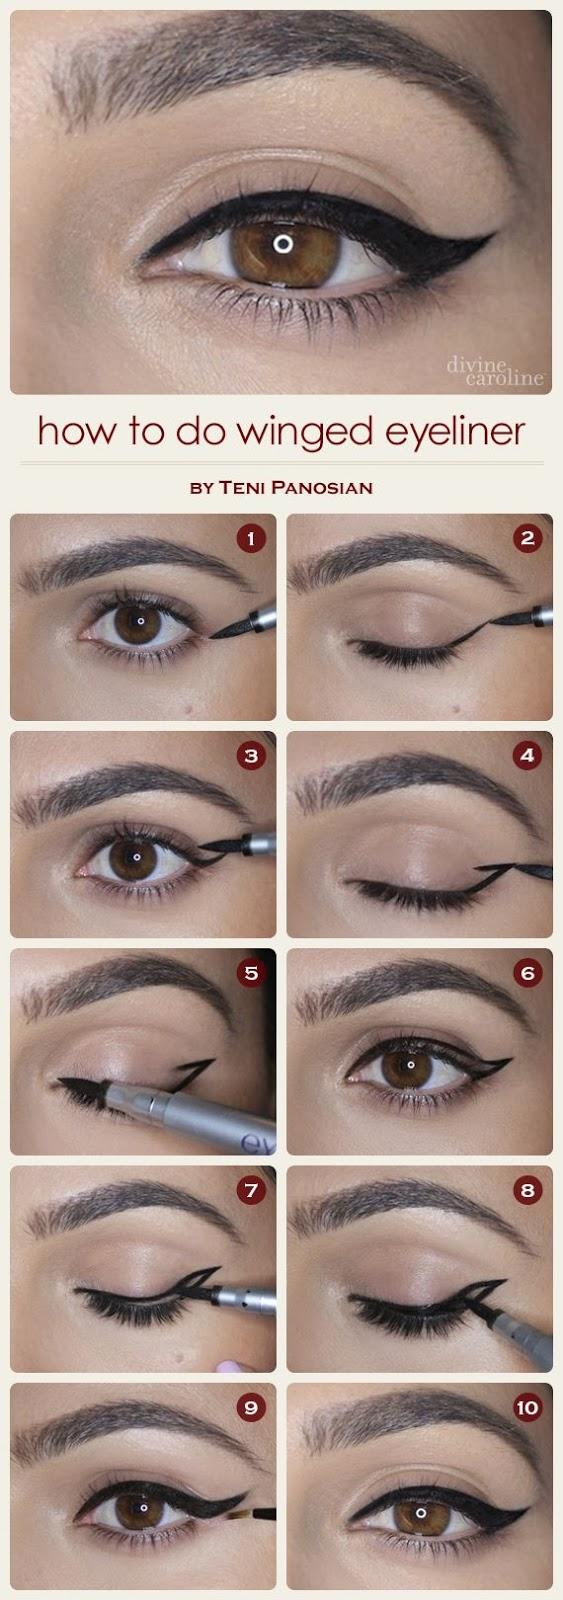 How to Do Winged Eyeliner, Winged Eyeliner